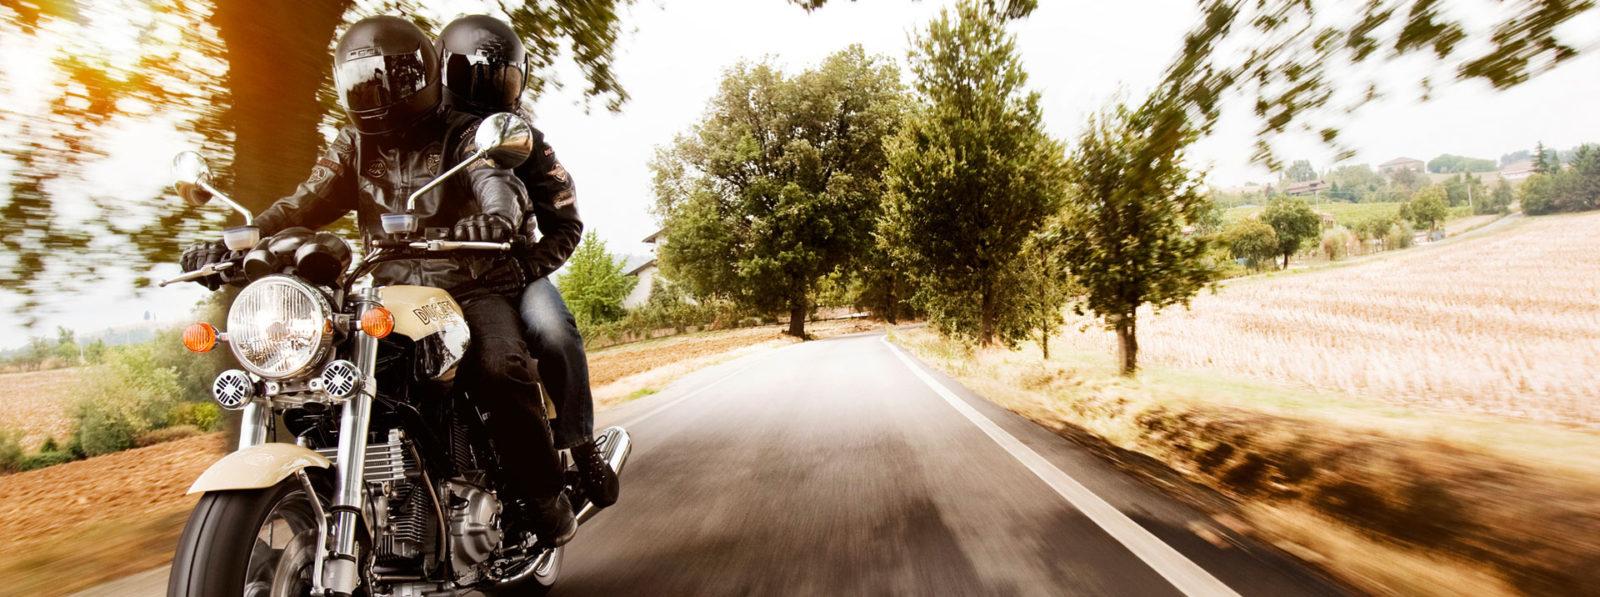 wygodny motocykl dla dwojga